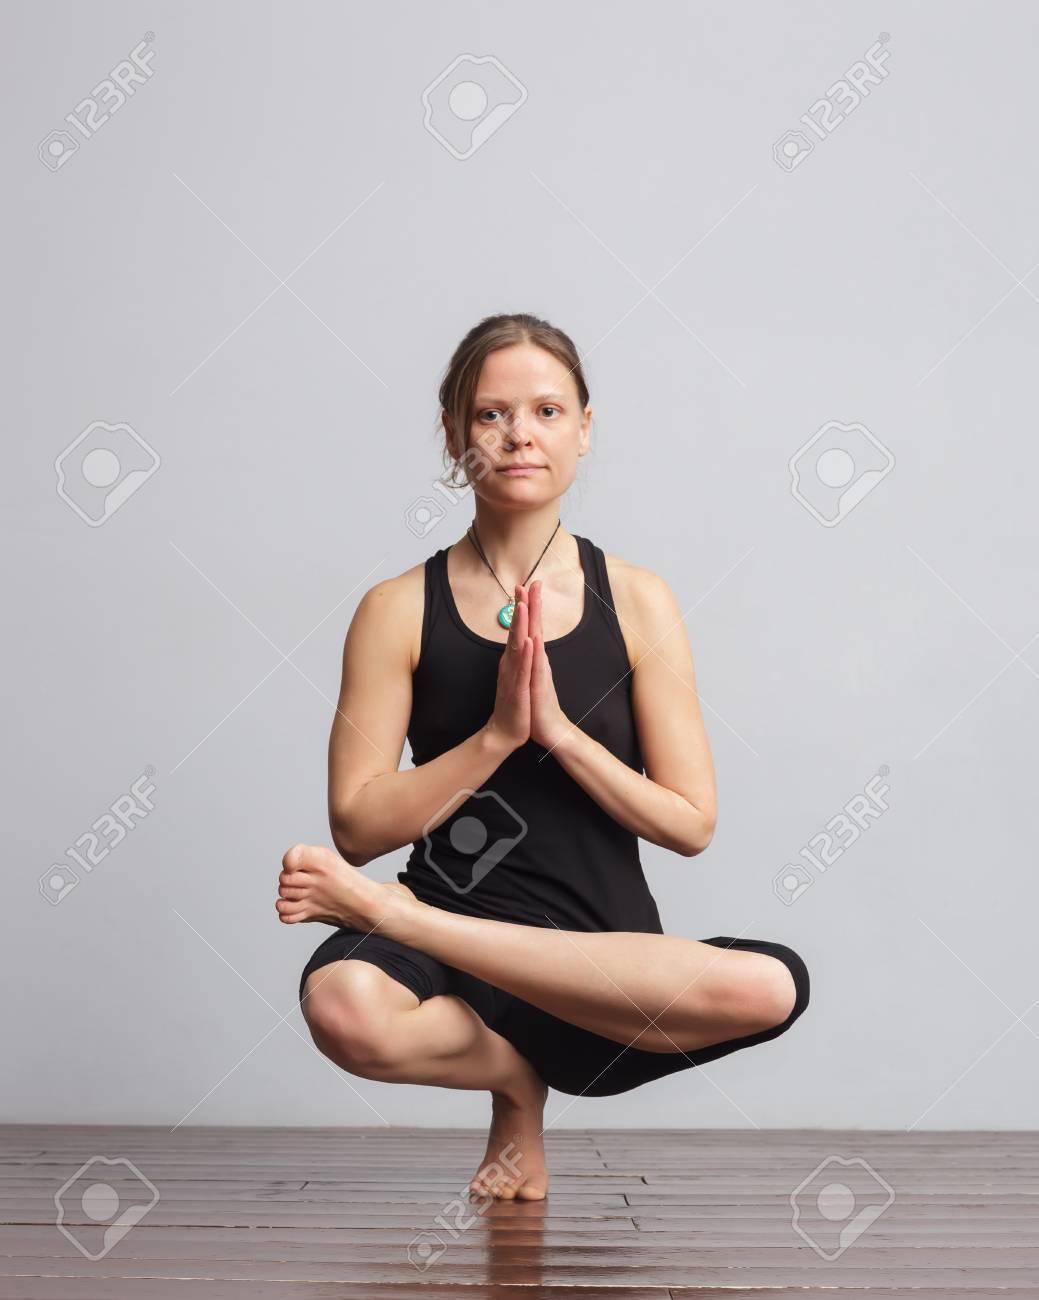 Mädchen, Das Eine Fußbalancen Yogahaltung Macht. Auf Dem Anhänger ...